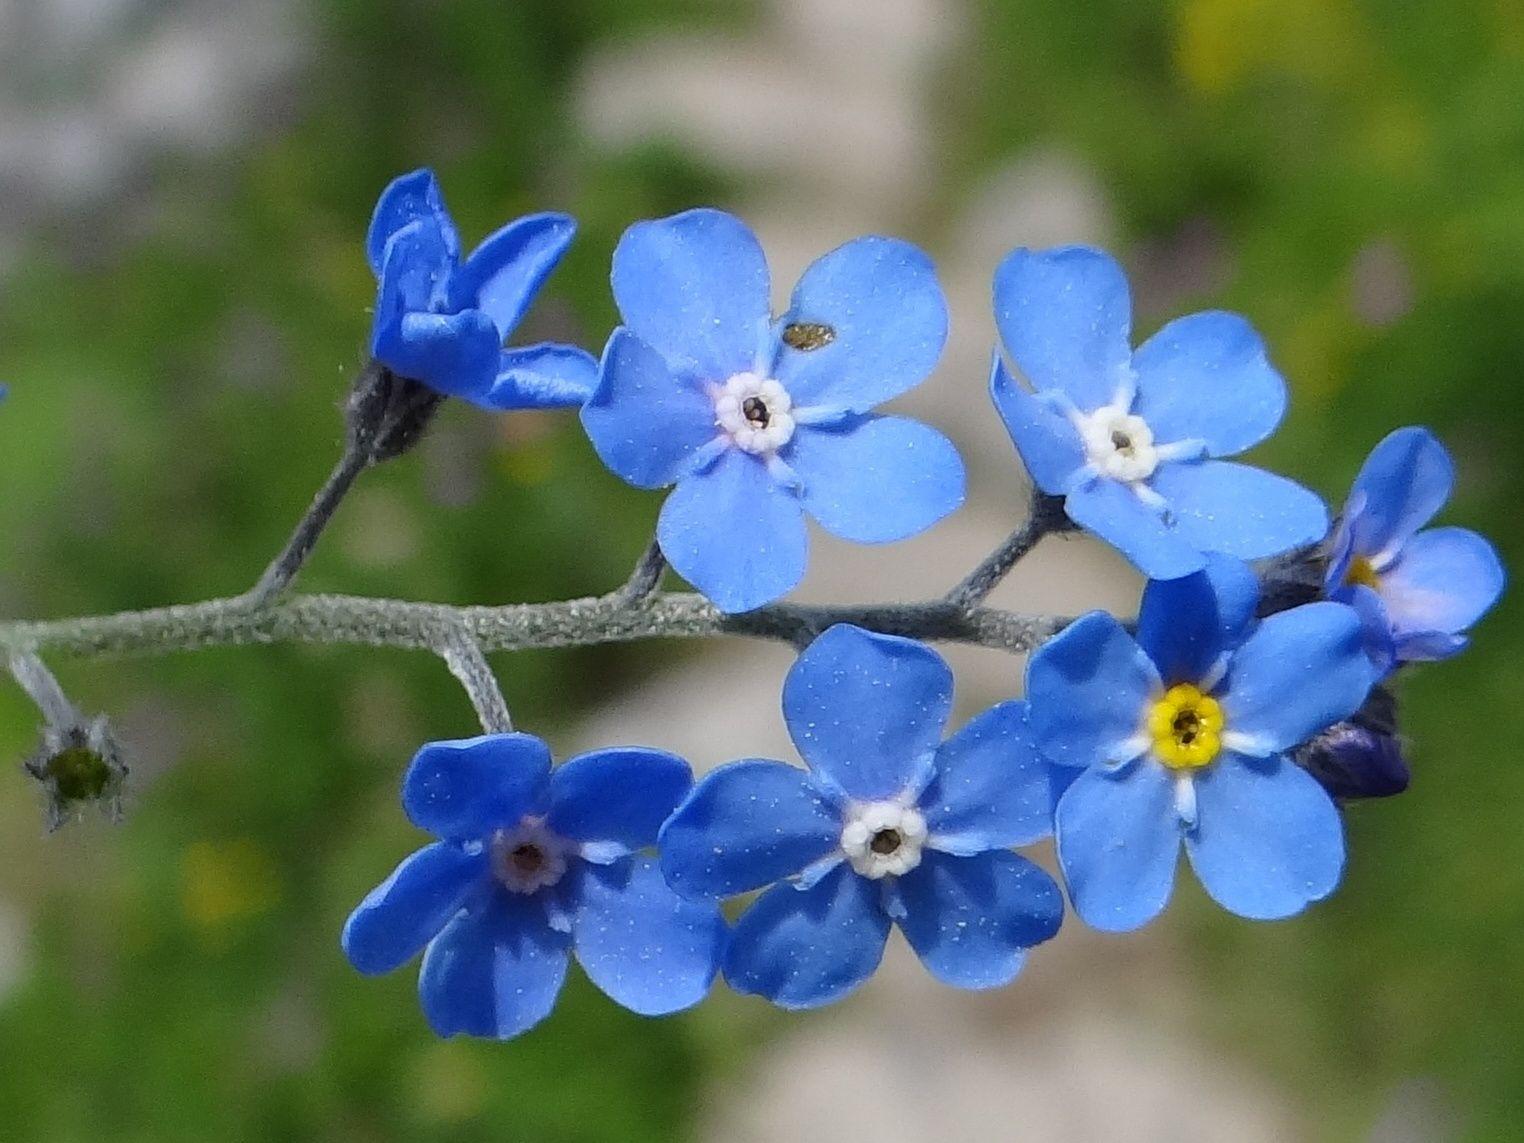 Alaska state flower floral emblem wild native